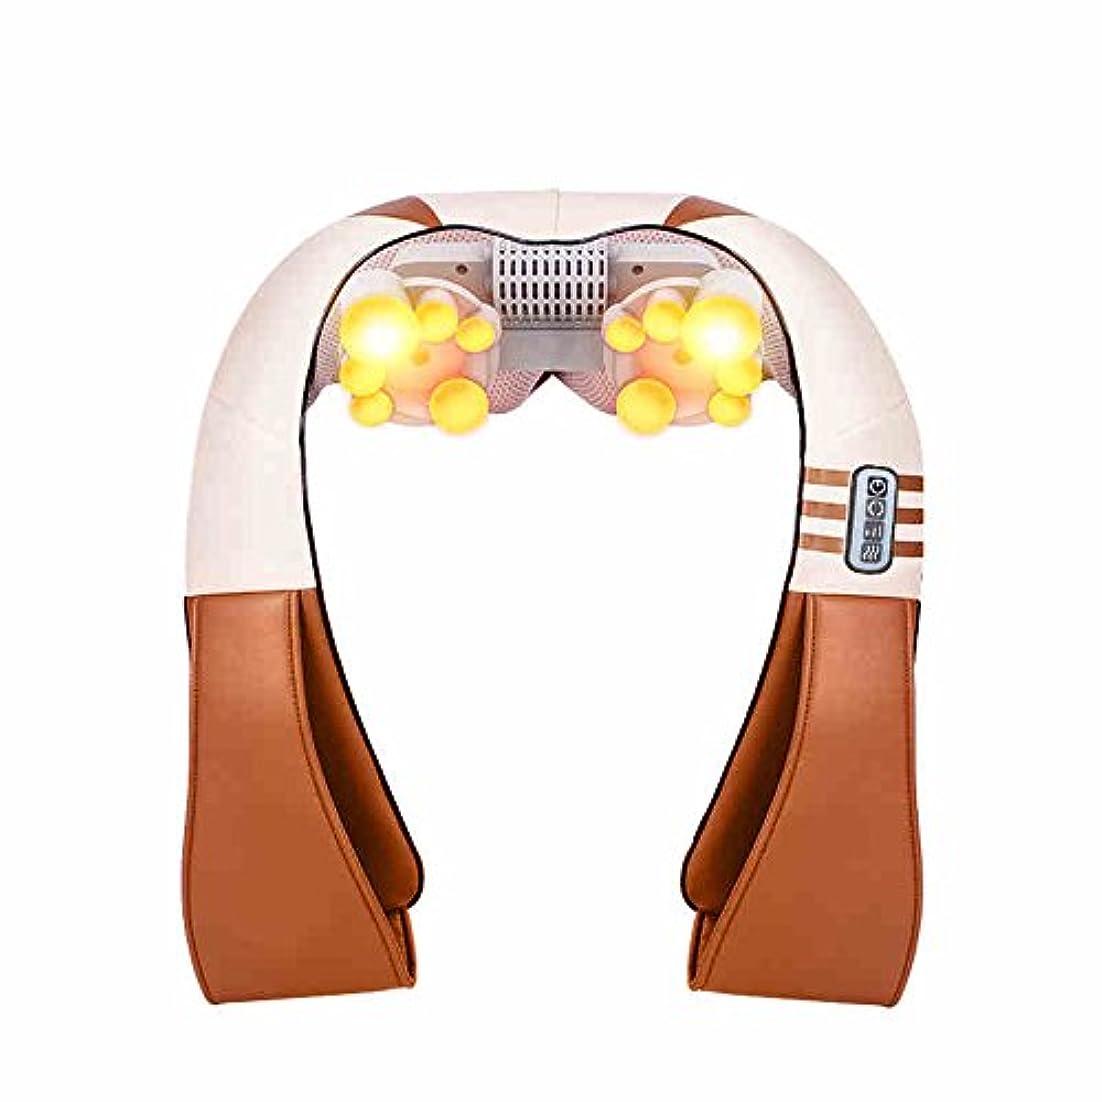 決定する大使館違うHAIZHEN マッサージチェア フルボディマッサージ器の電気運動振動指圧の混乱指圧リウマチの痛みを和らげる頭の血液循環を促進する